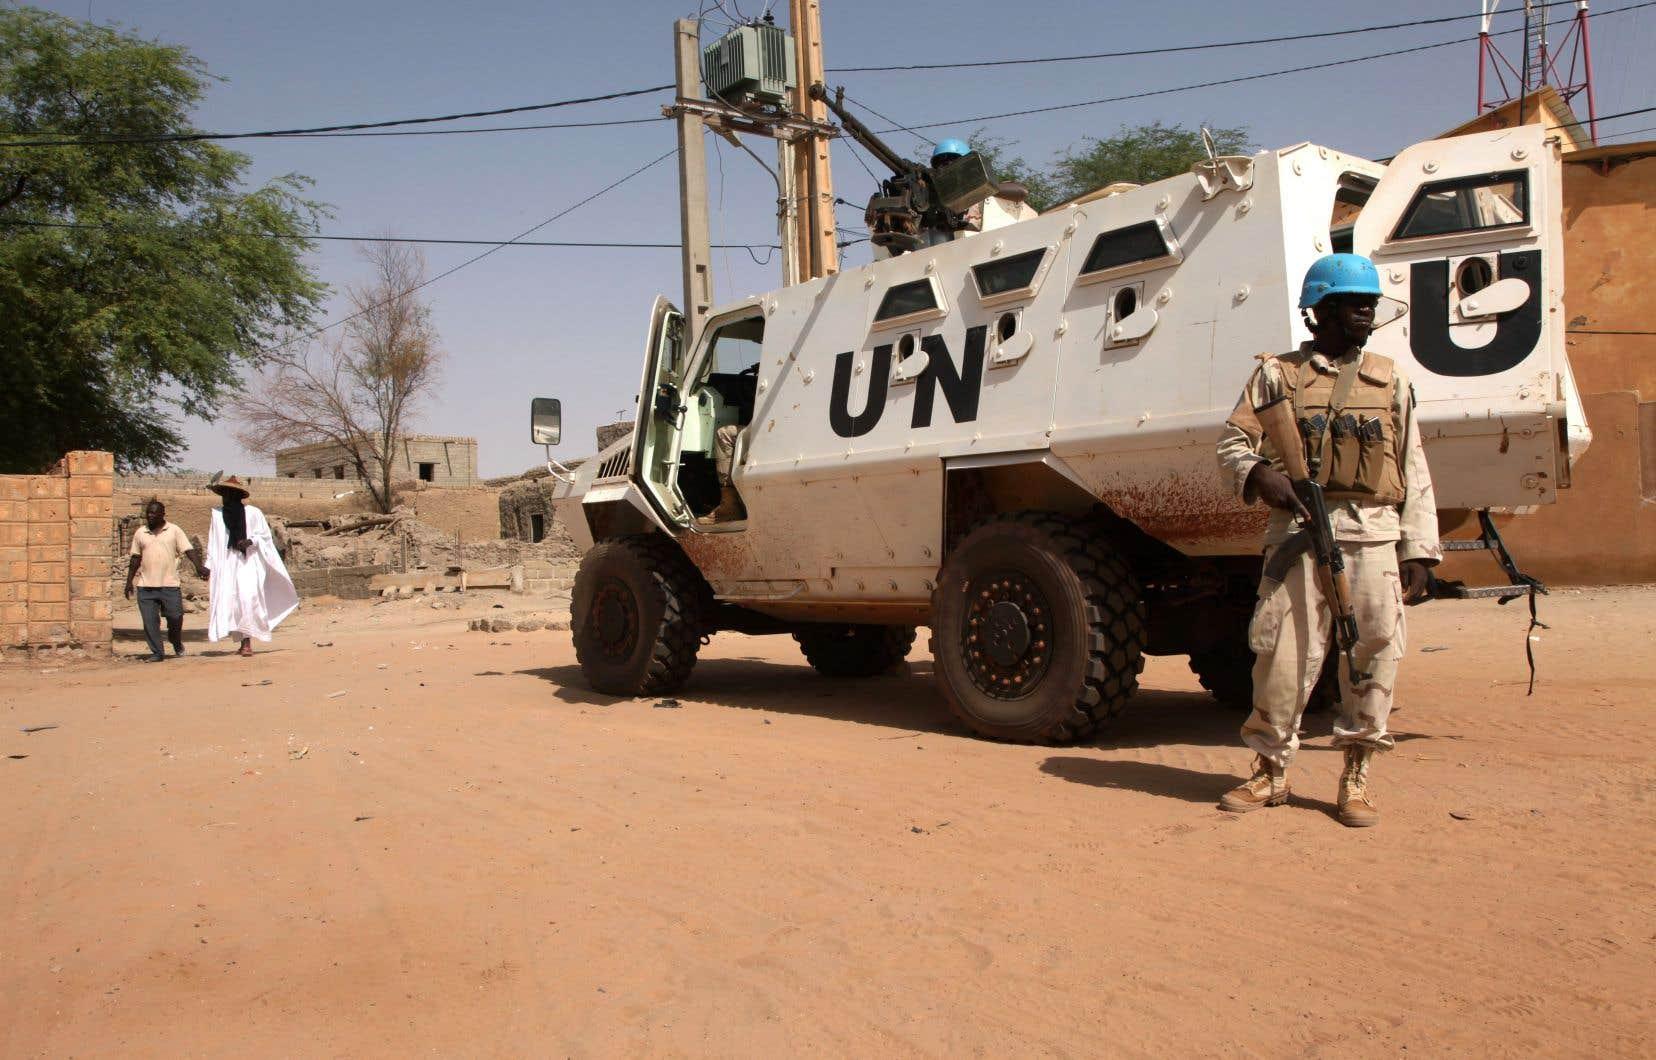 Déployée au Mali en juillet 2013, la Minusma, qui compte environ 12500 militaires et policiers, est actuellement la mission de maintien de la paix de l'ONU la plus coûteuse en vies humaines.